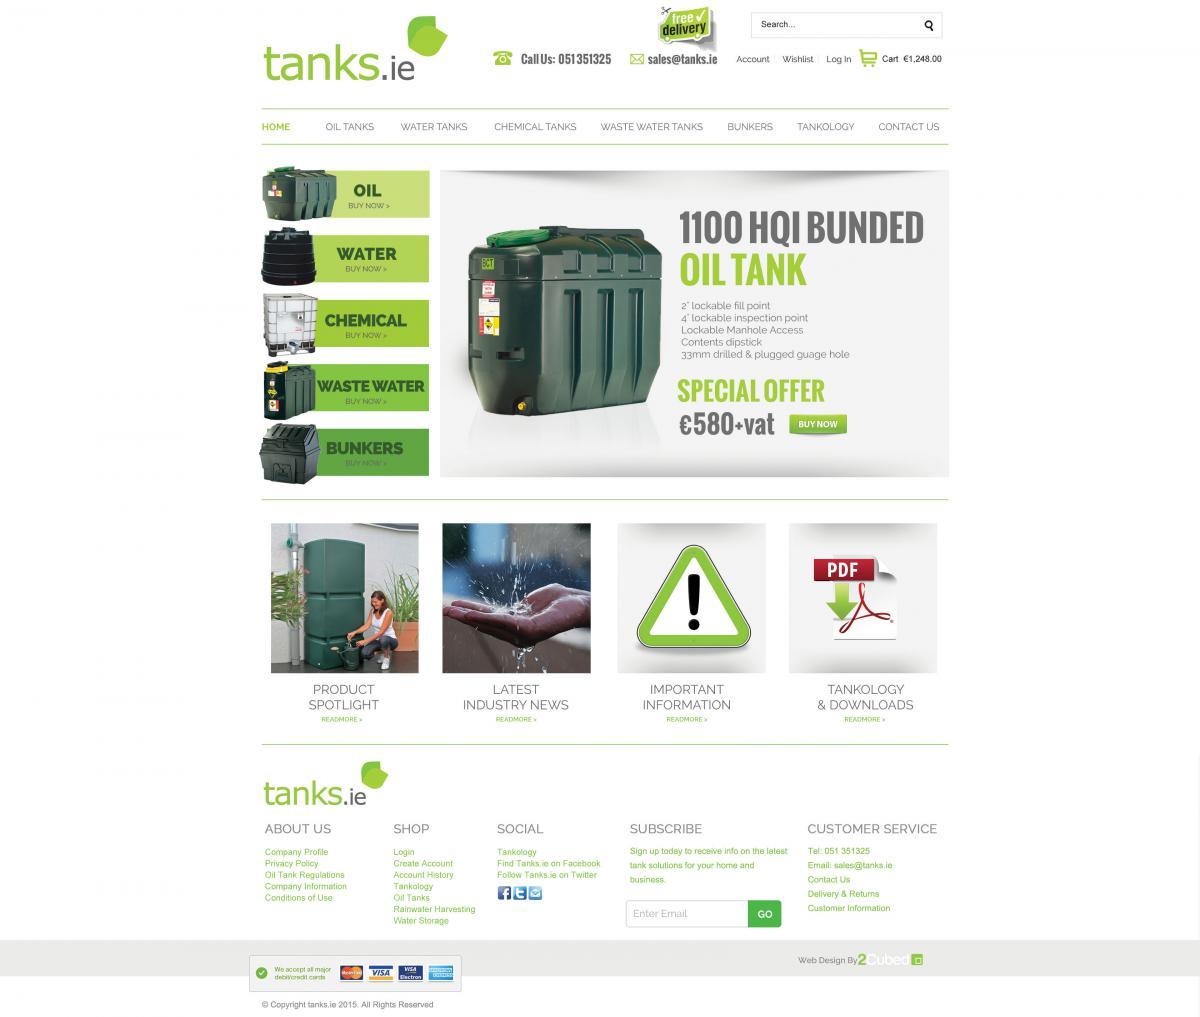 Tanks.ie